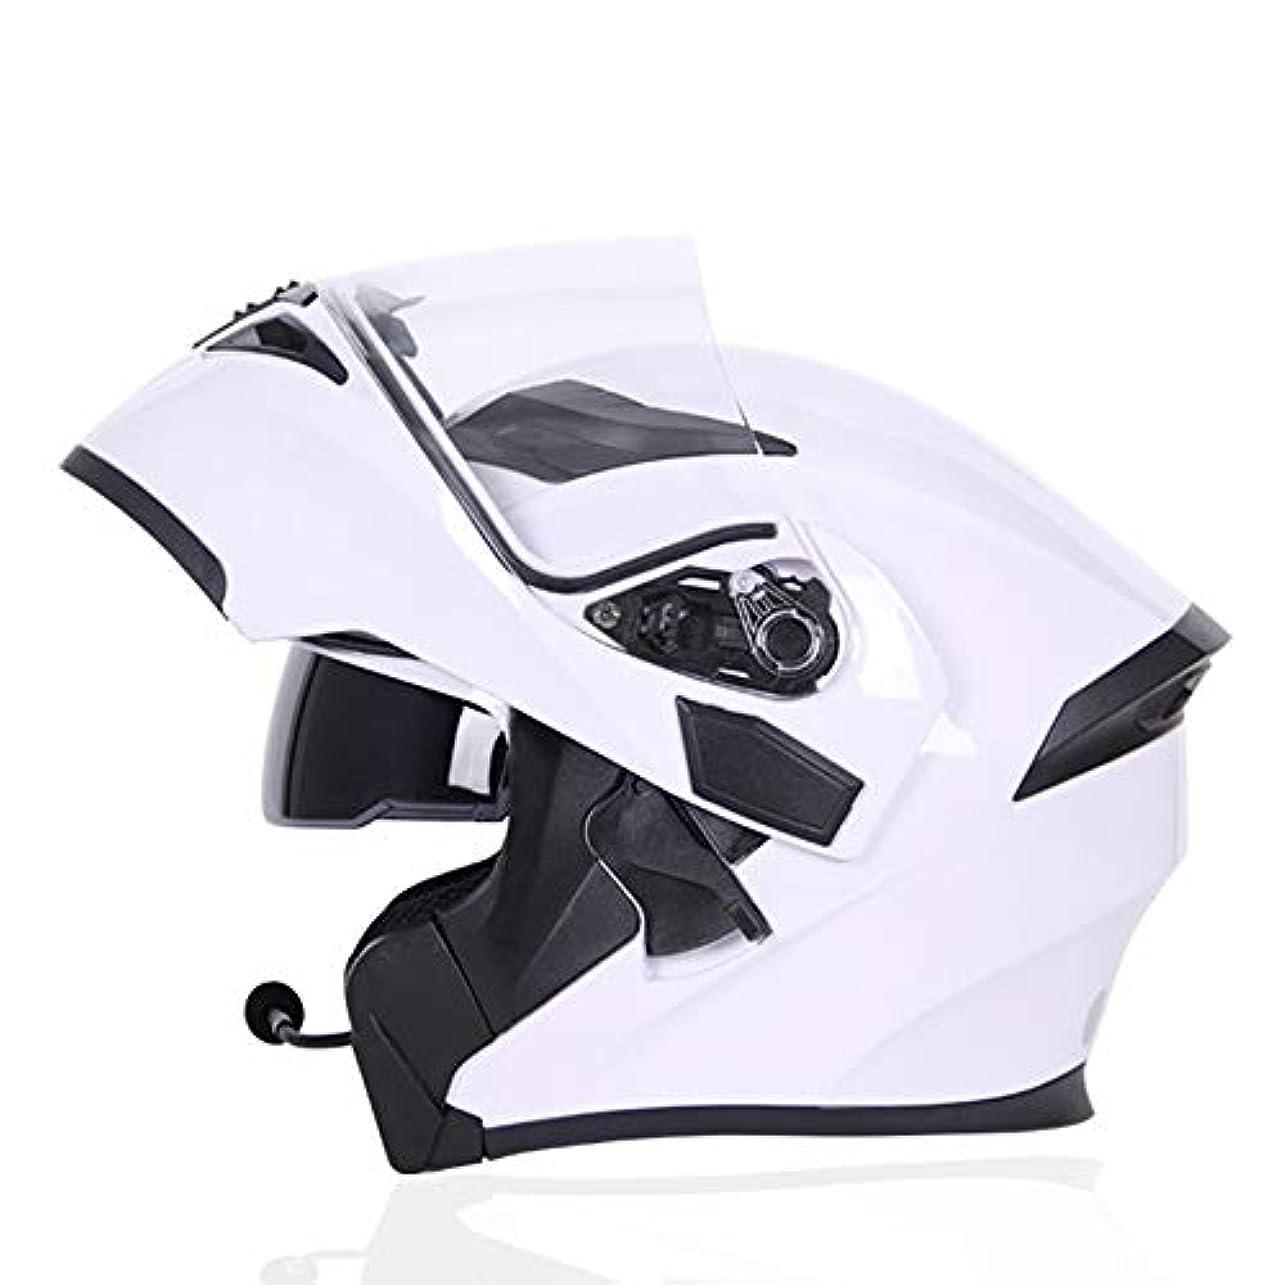 セージなくなる外国人HYH ソリッドカラーオートバイのBluetoothヘルメット男性と女性のダブルレンズオープンフェイスヘルメットアウトドアスポーツ乗馬オフロード機関車フルフェイスヘルメットノイズリダクションマイク いい人生 (Color : White, Size : XL)